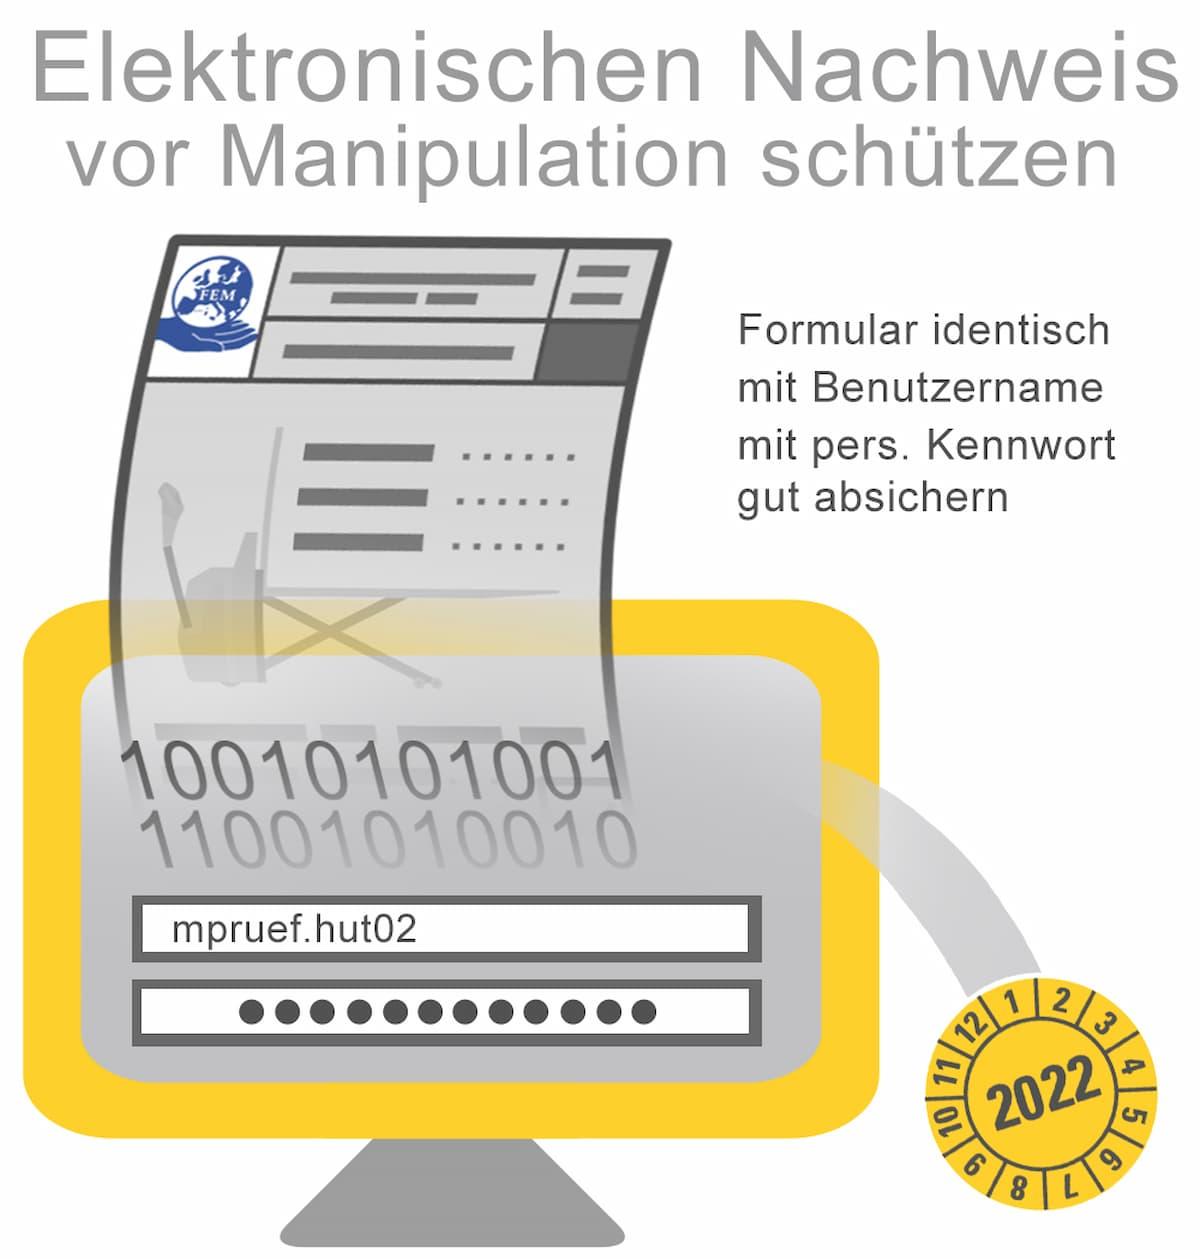 Elektrische Nachweise müssen vor Manipulation geschützt werden